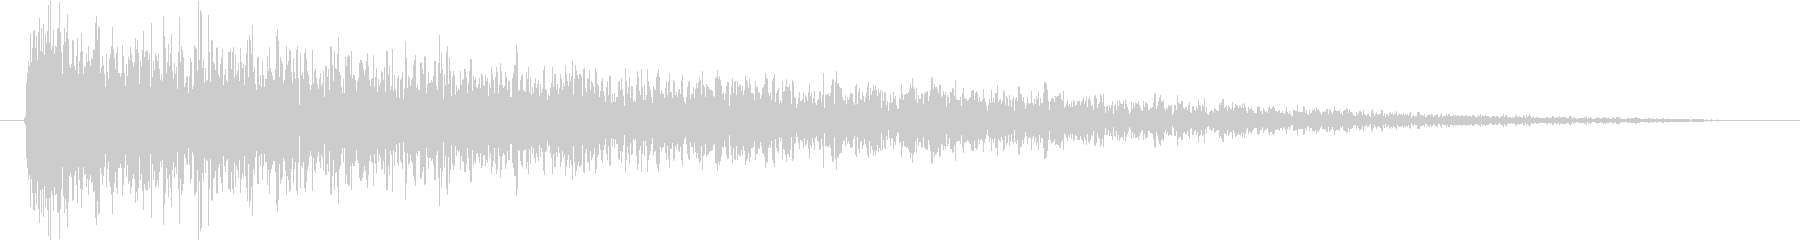 インパクトのある音05の未再生の波形